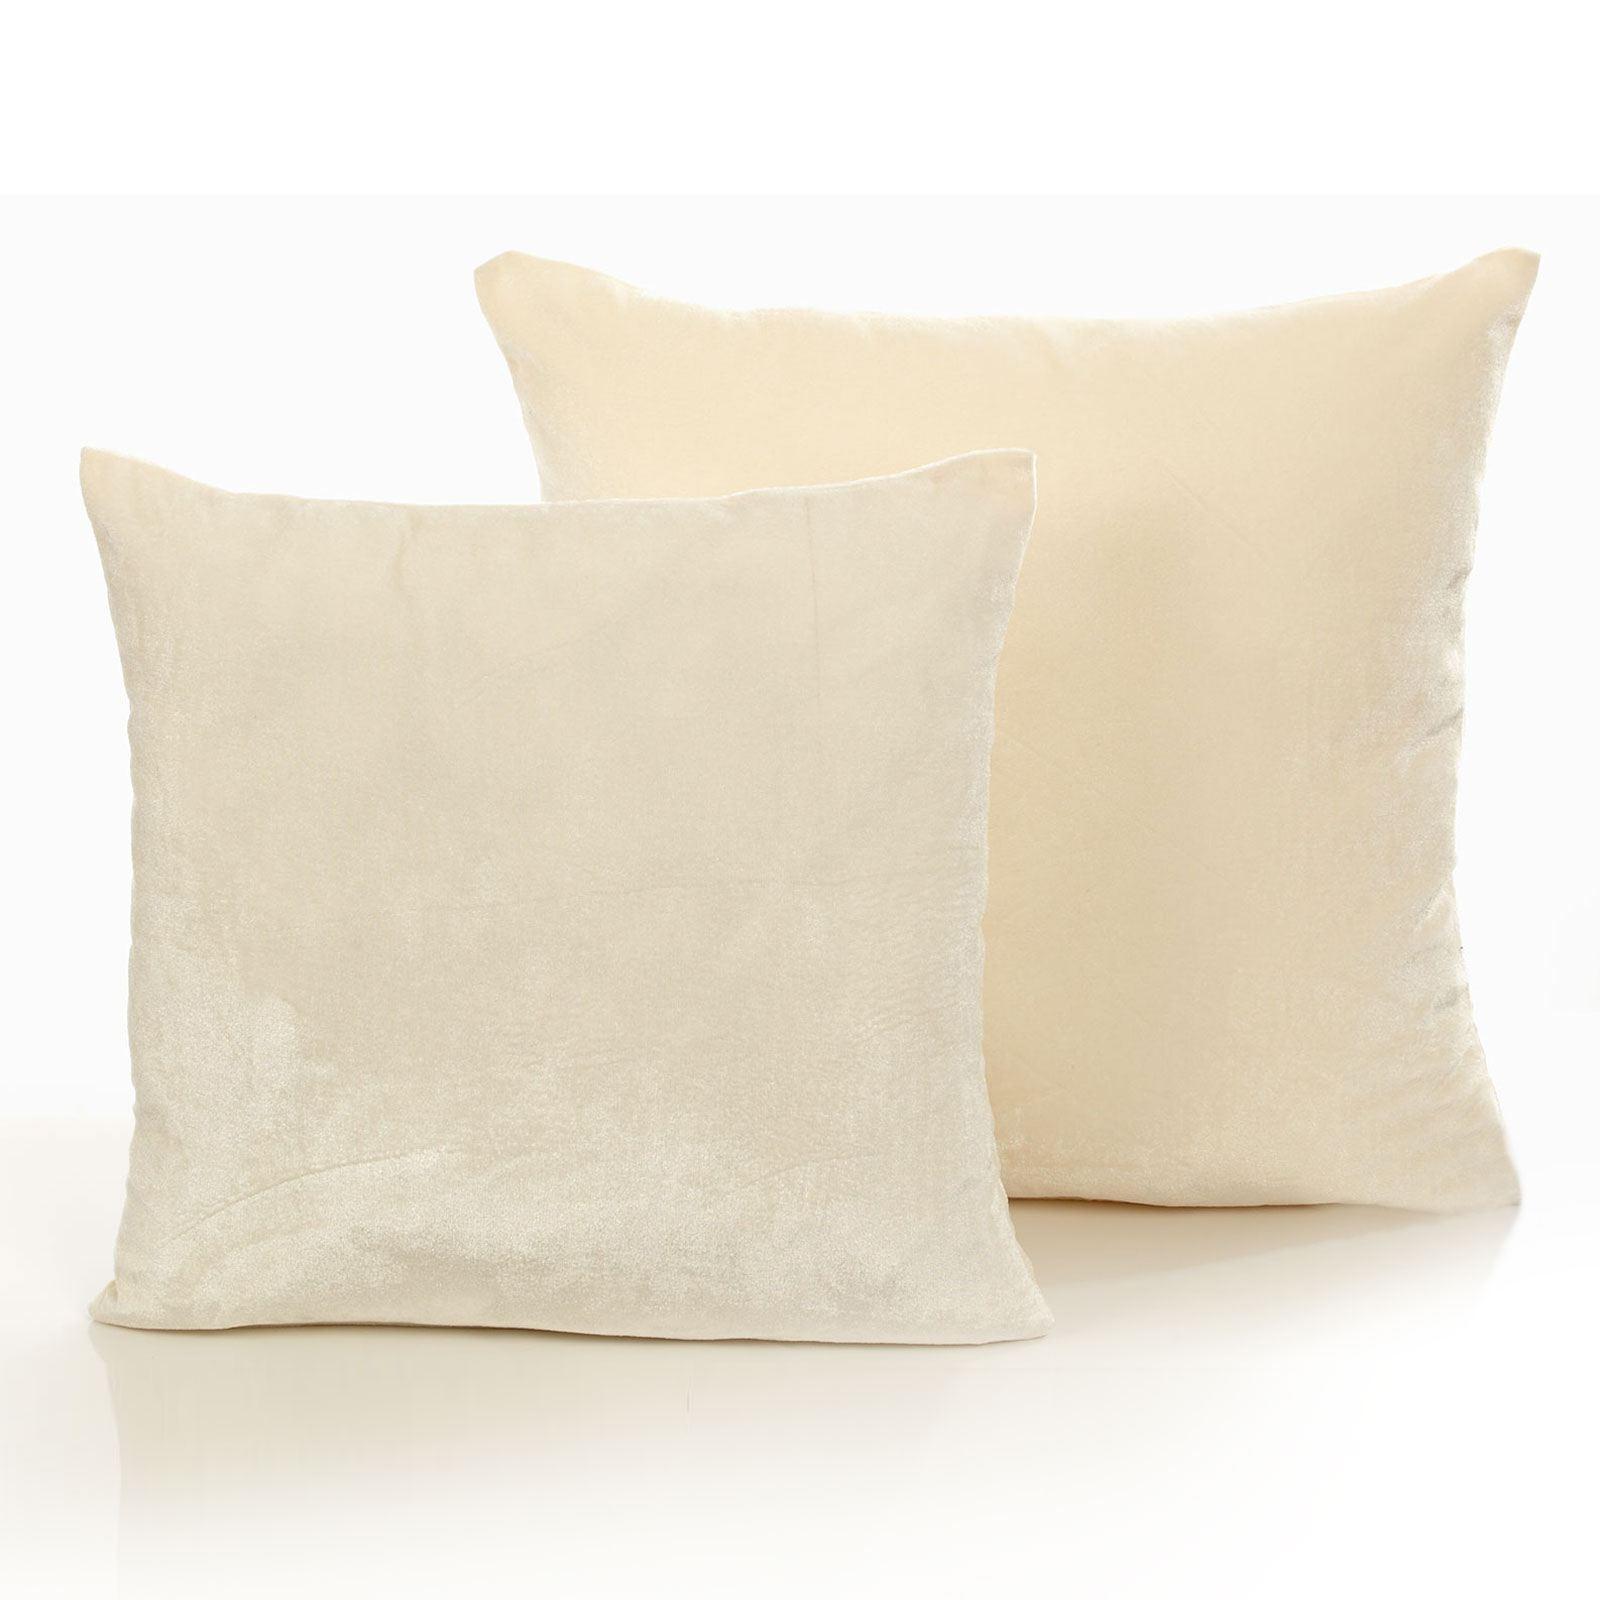 luxe fausse fourrure housse de coussin cas canap oreiller lit d coration velours look 45x45 ebay. Black Bedroom Furniture Sets. Home Design Ideas